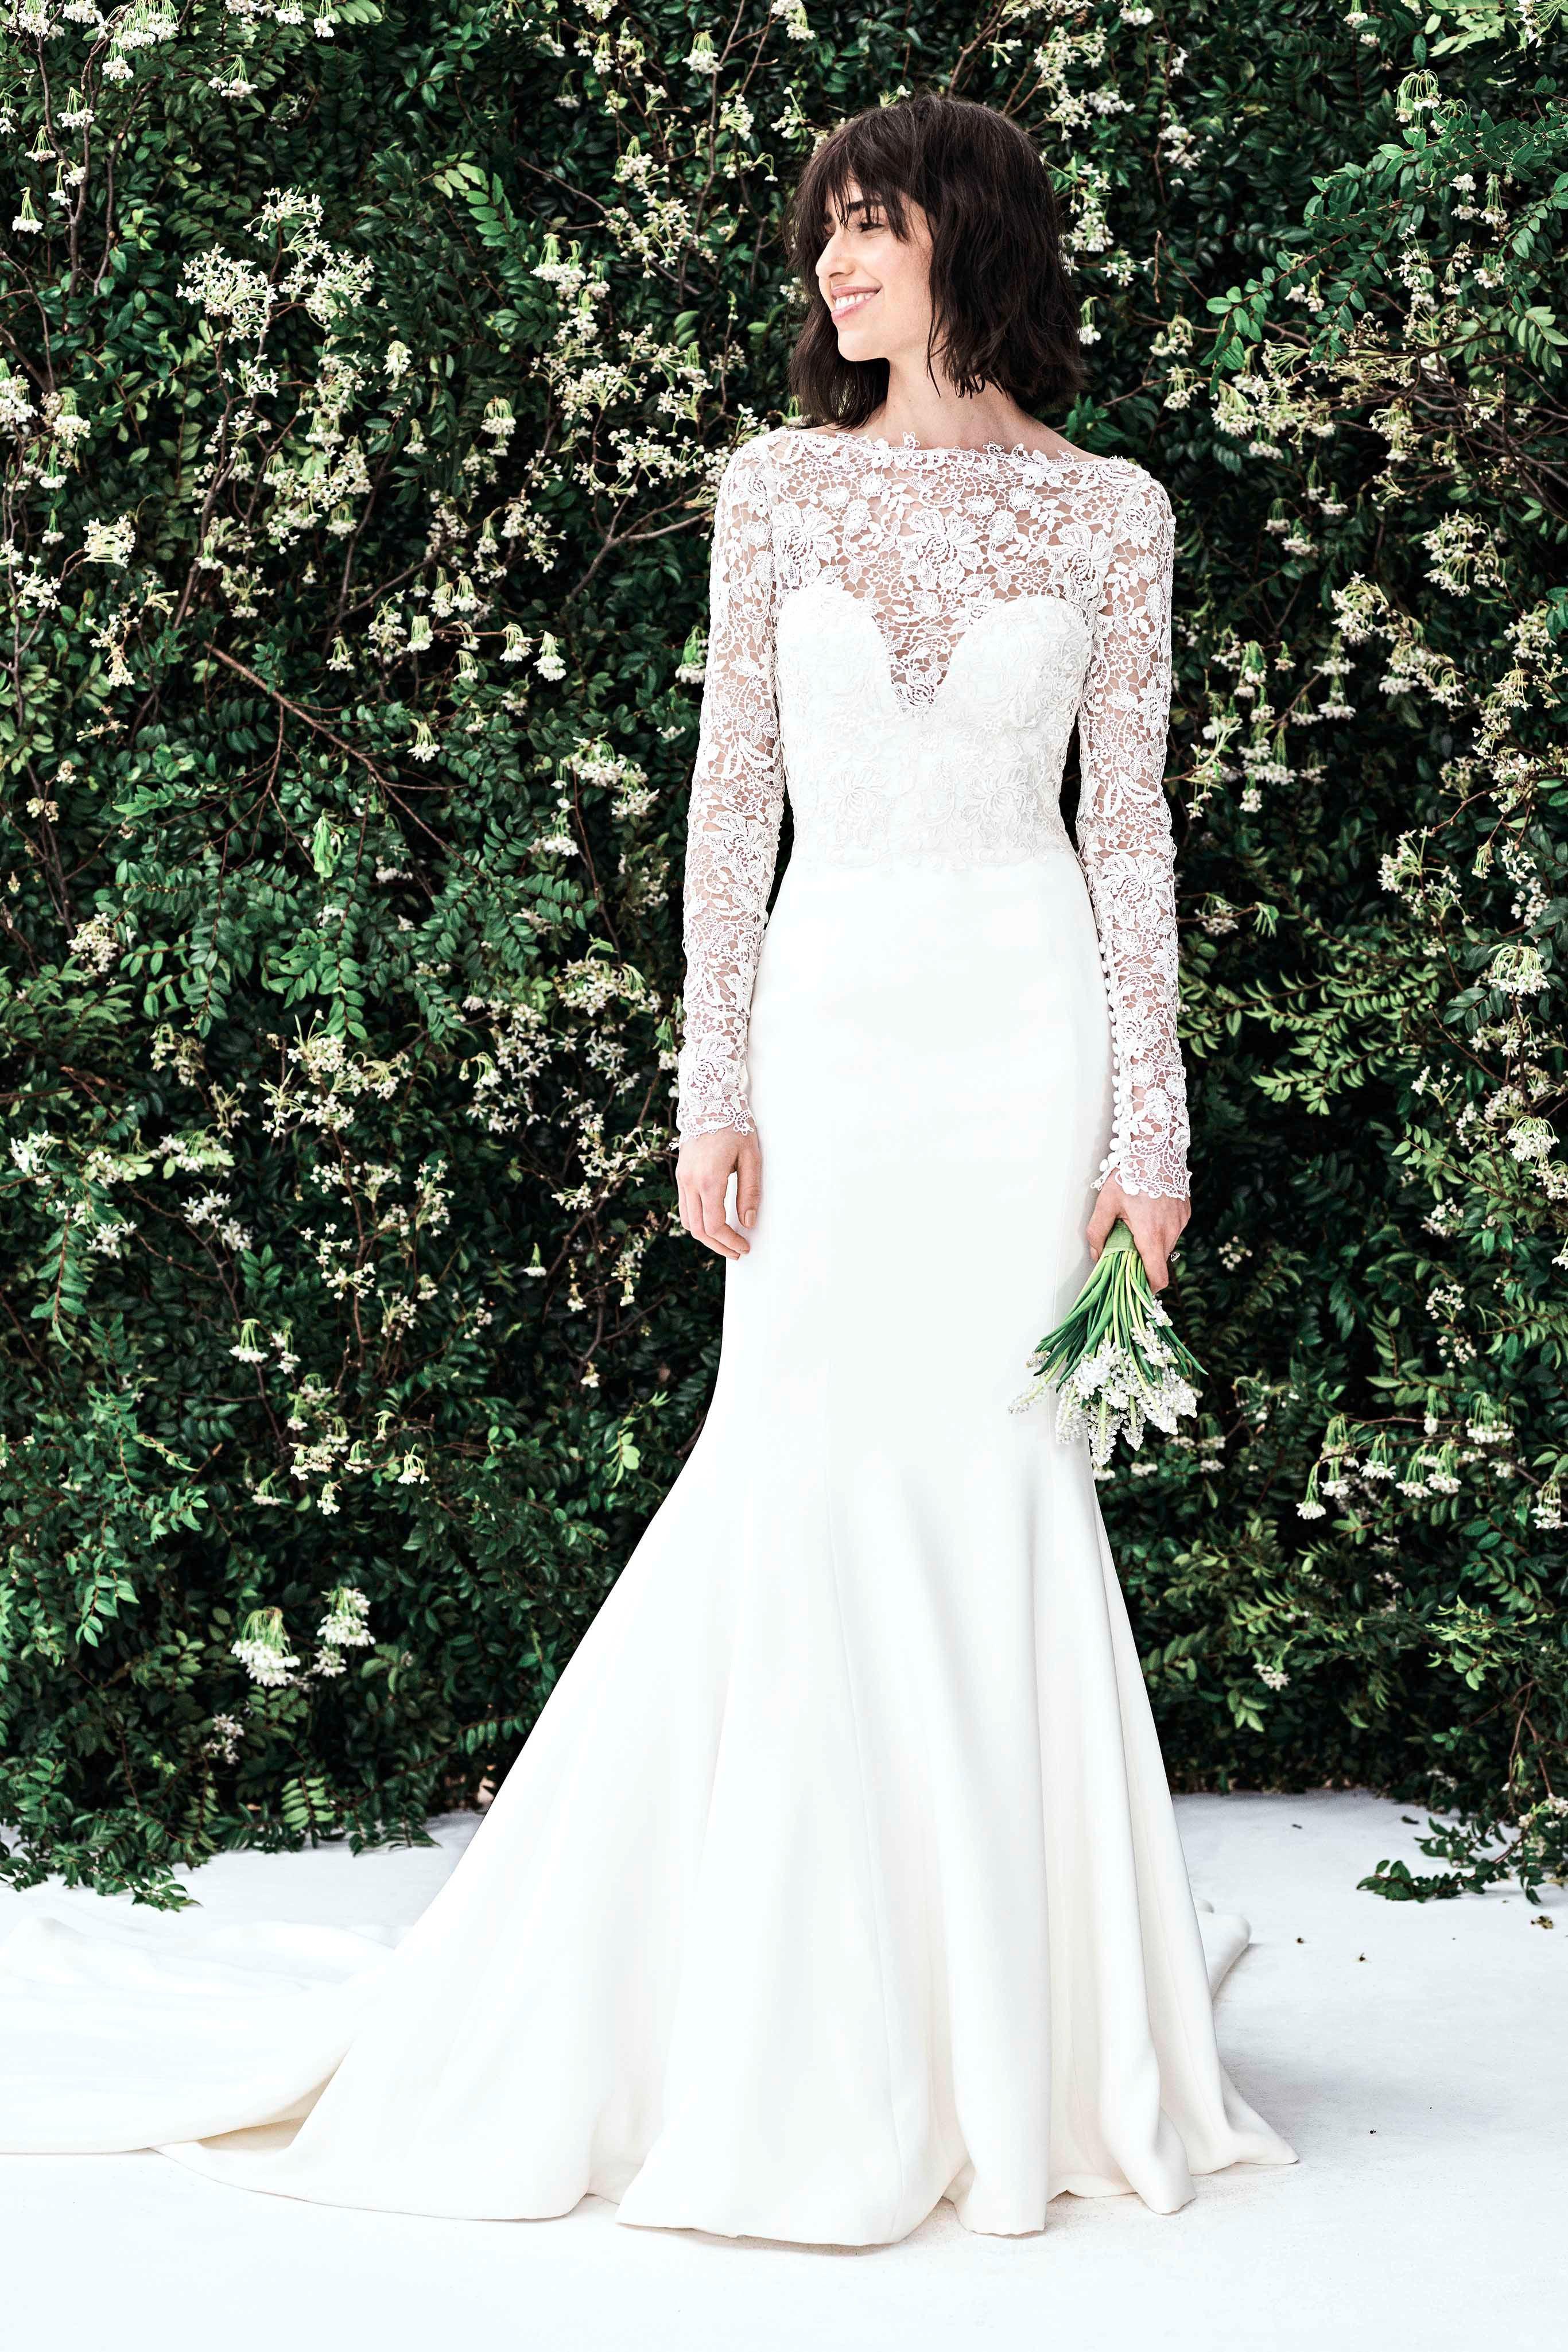 Váy cưới Carolina Herrera đuôi cá tay dài màu trắng